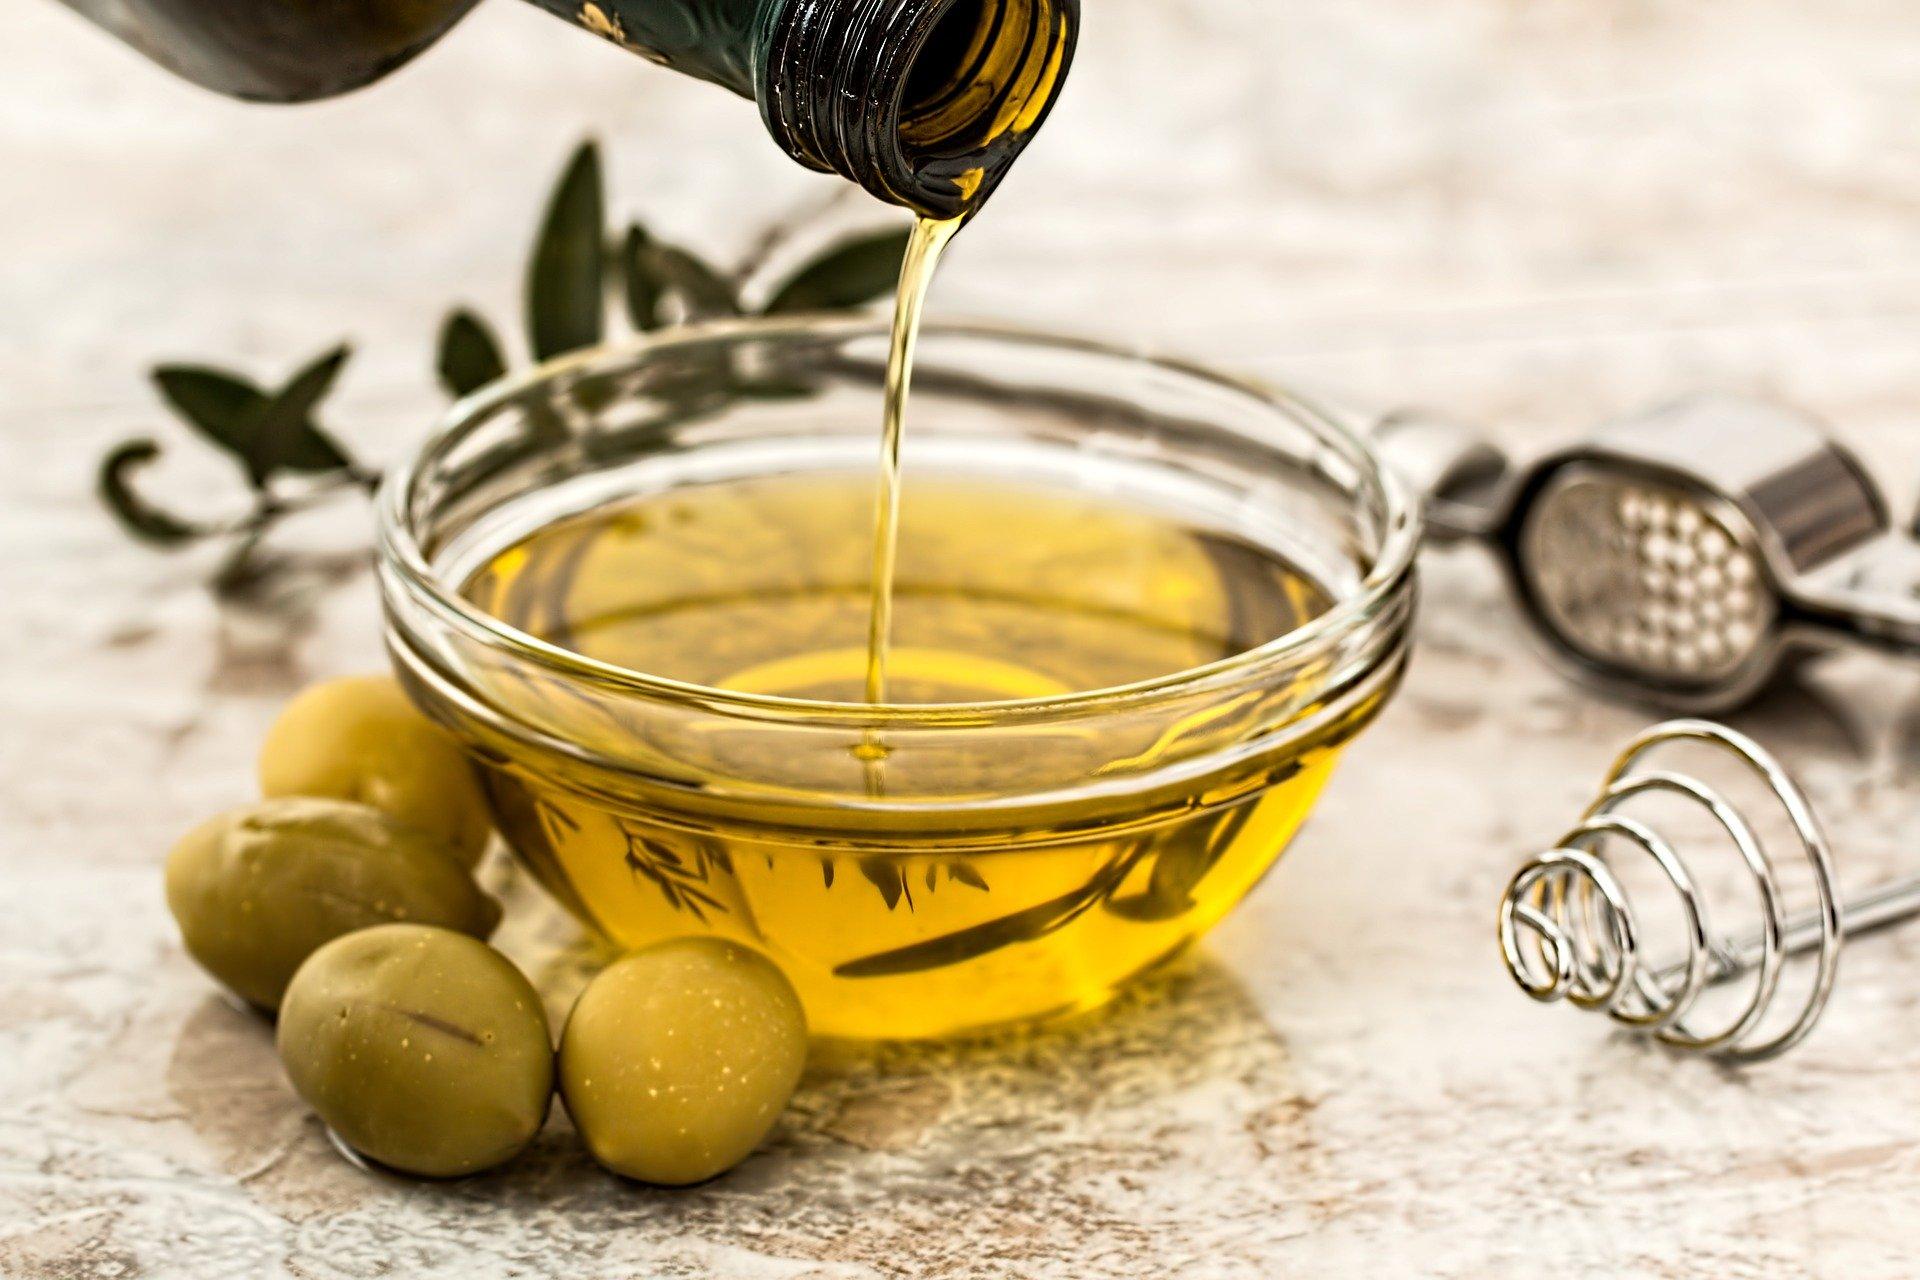 Rahasia Manfaat Minyak Zaitun Bagi Kecantikan - Cantik, Udah Tahu Belum 7 Rahasia Manfaat Minyak Zaitun Bagi Kecantikan?